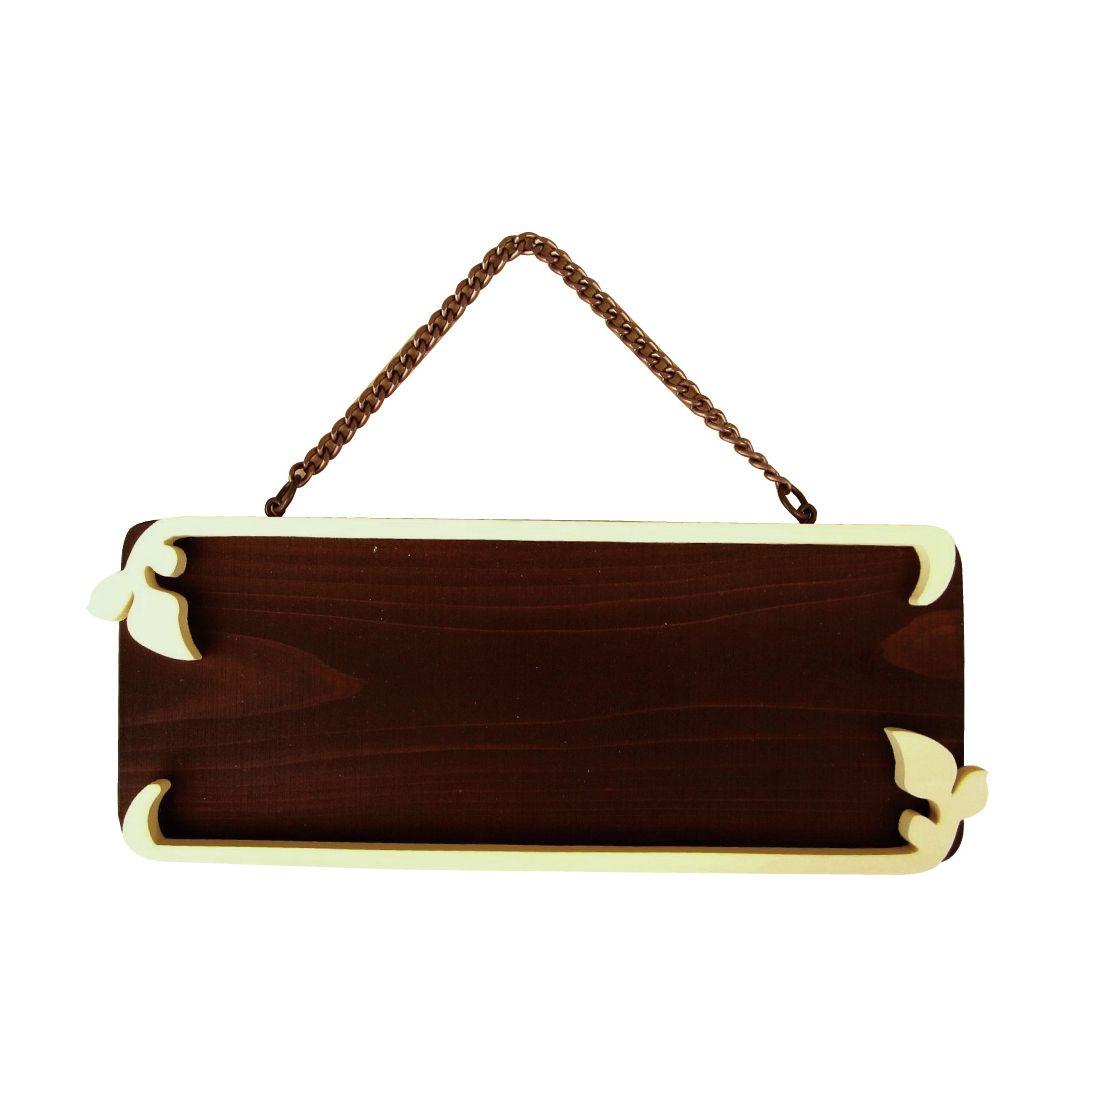 楽天市場 ドアプレート 表札 木製 ネームプレート お名前プレート